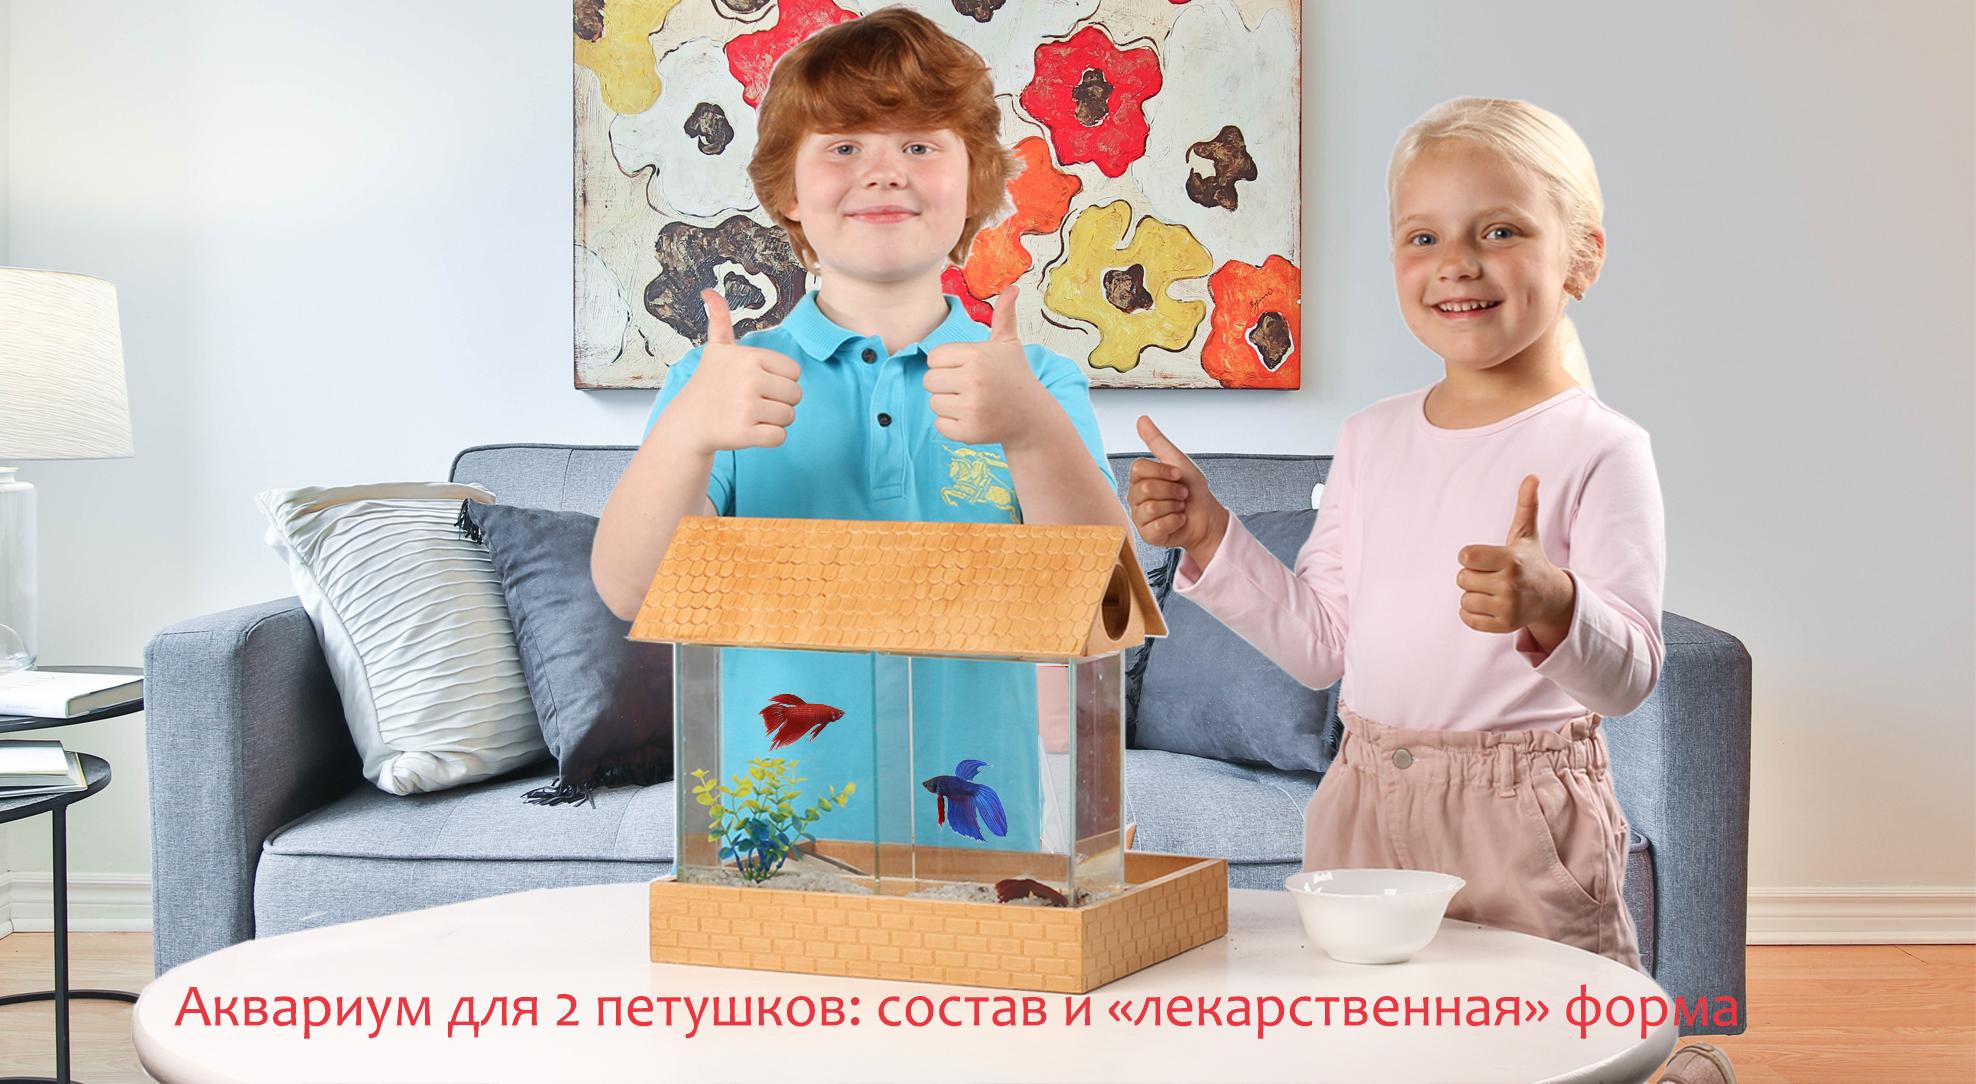 Как успокоить гиперактивного ребенка? Подарить ему аквариум для двух петушков!